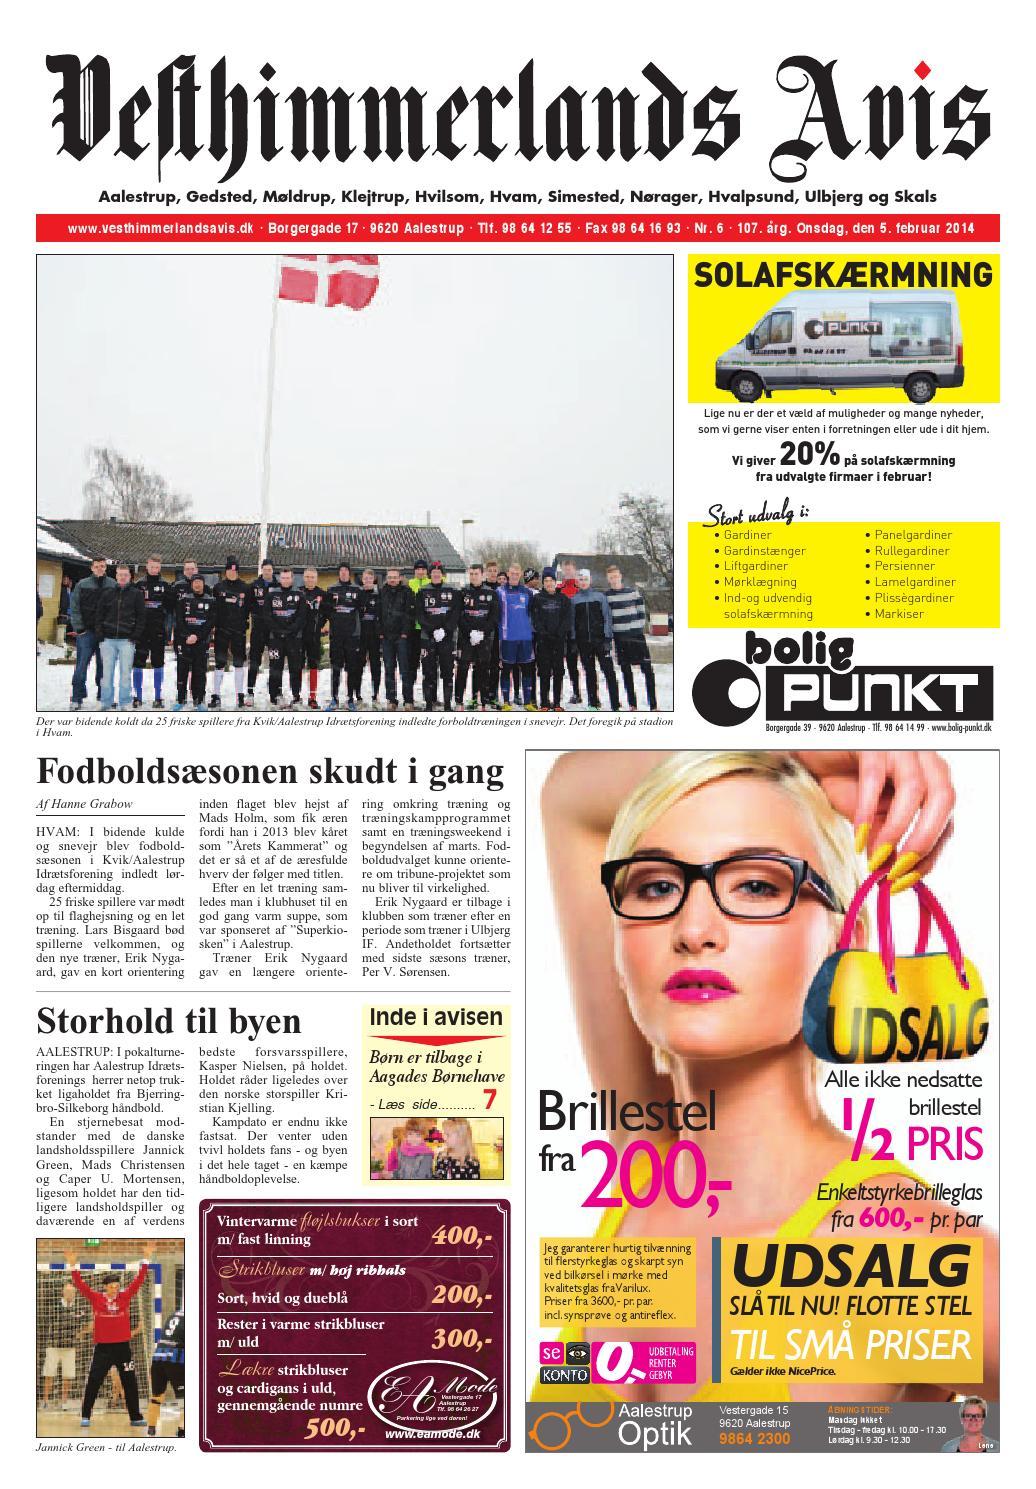 e5f1b51862ca Vesthimmerlands Avis nr. 6 - 2014 by Vesthimmerlands Avis - issuu